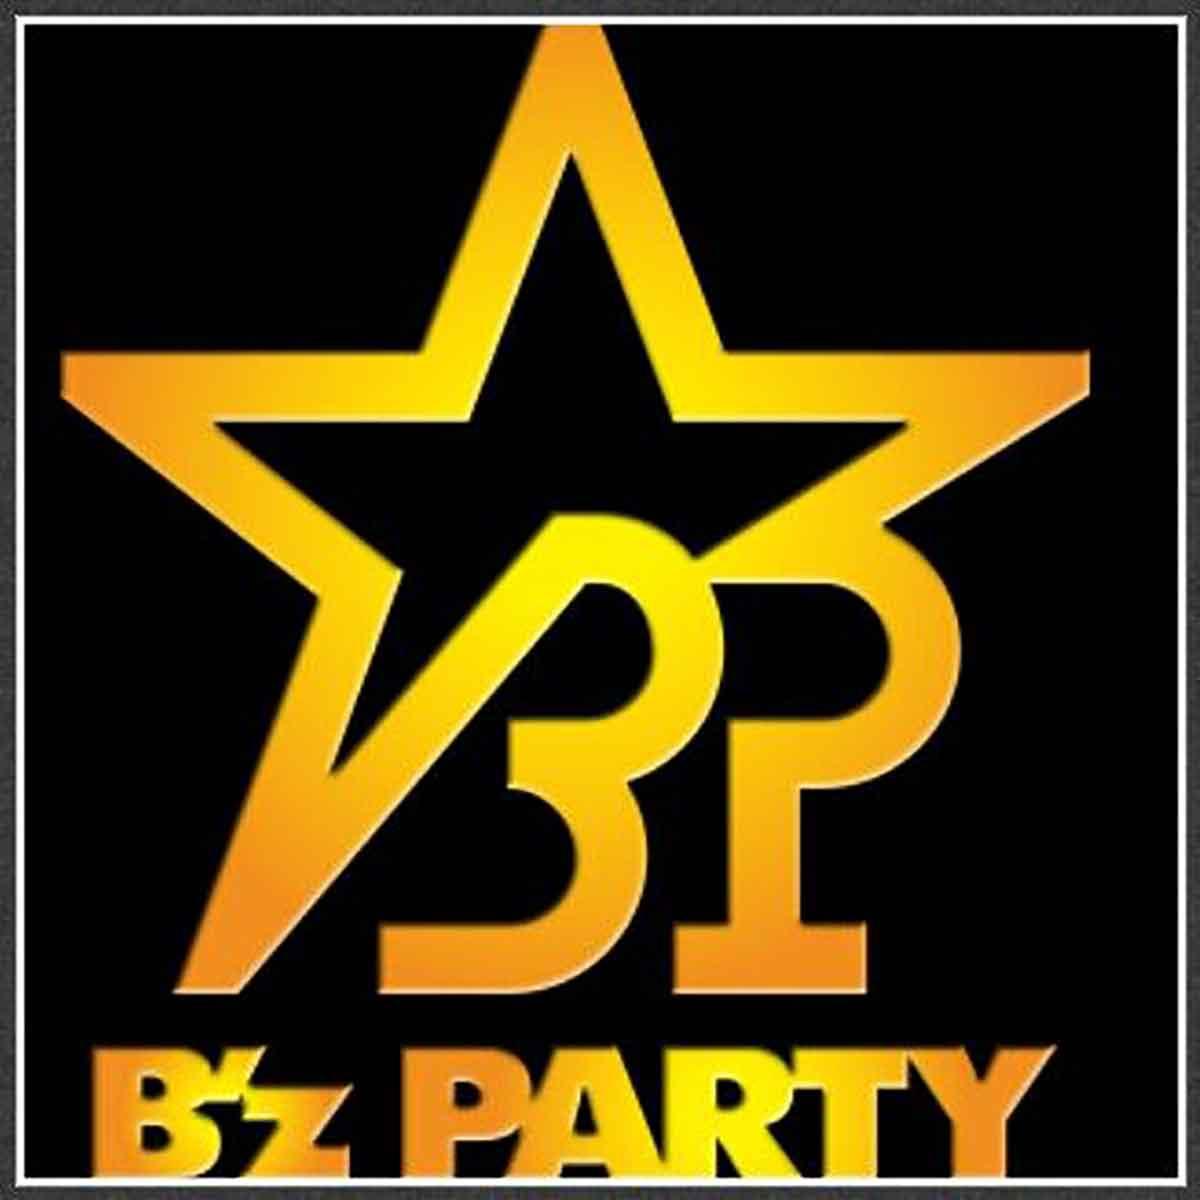 B'z公式ファンクラブ「B'z PARTY」のロゴマーク